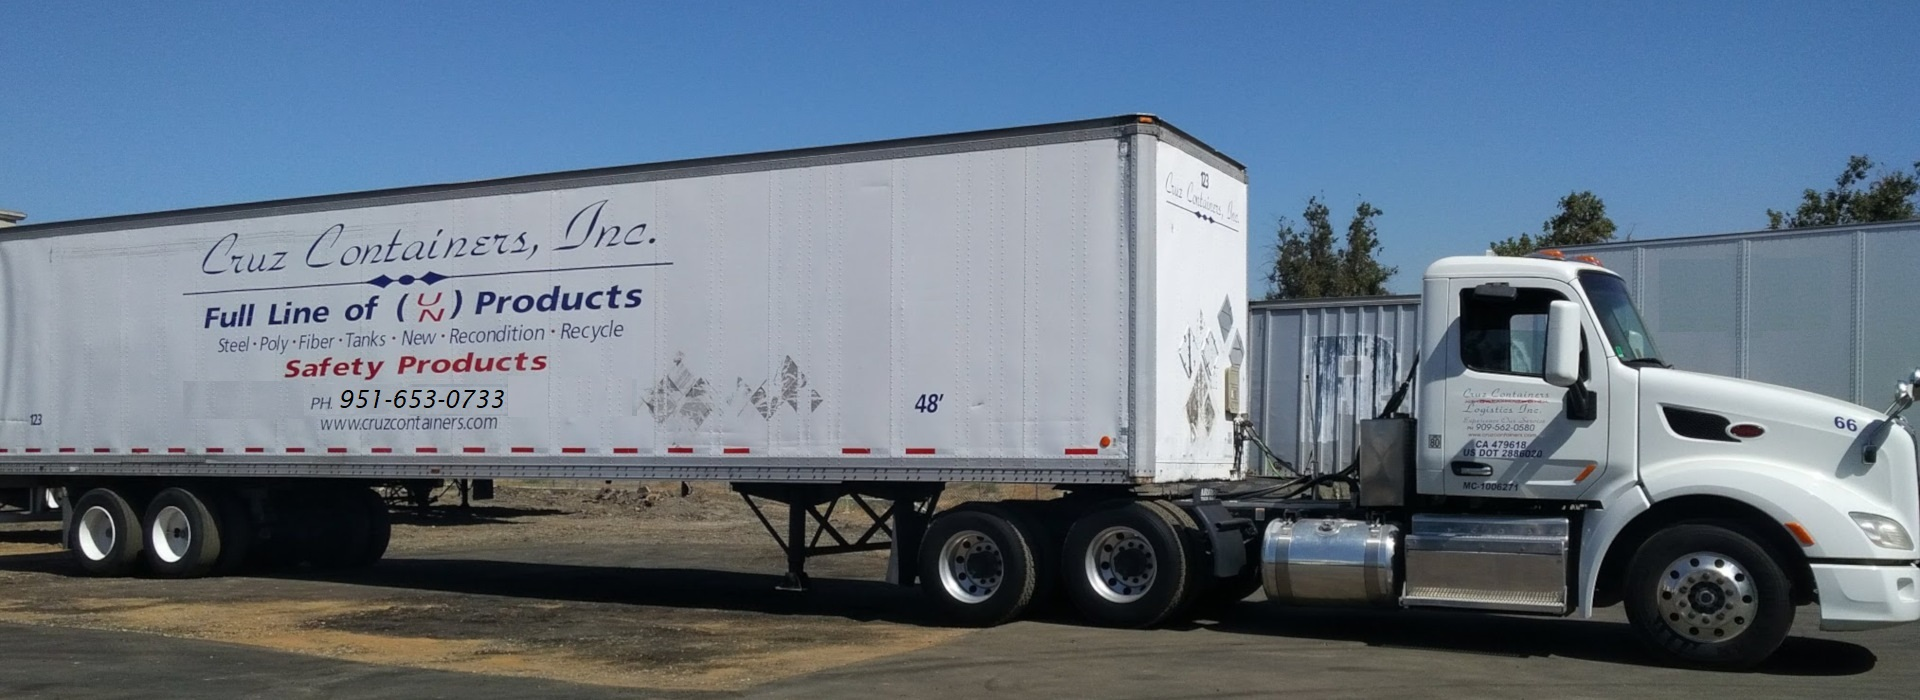 Cruz Containers Logistics